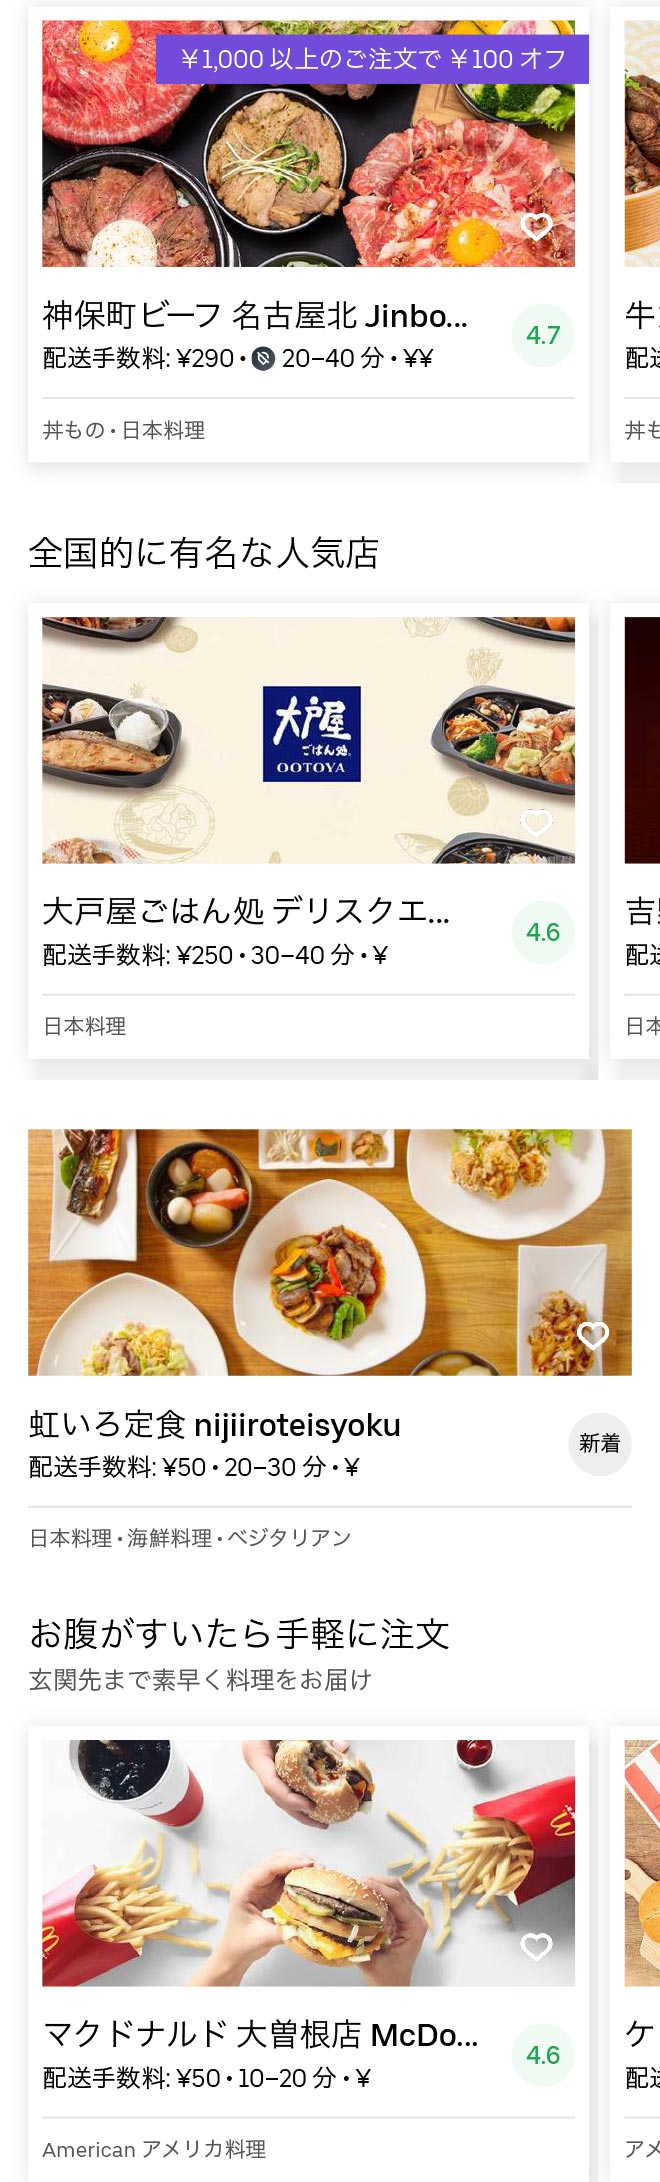 Nagoya ozone menu 2005 01